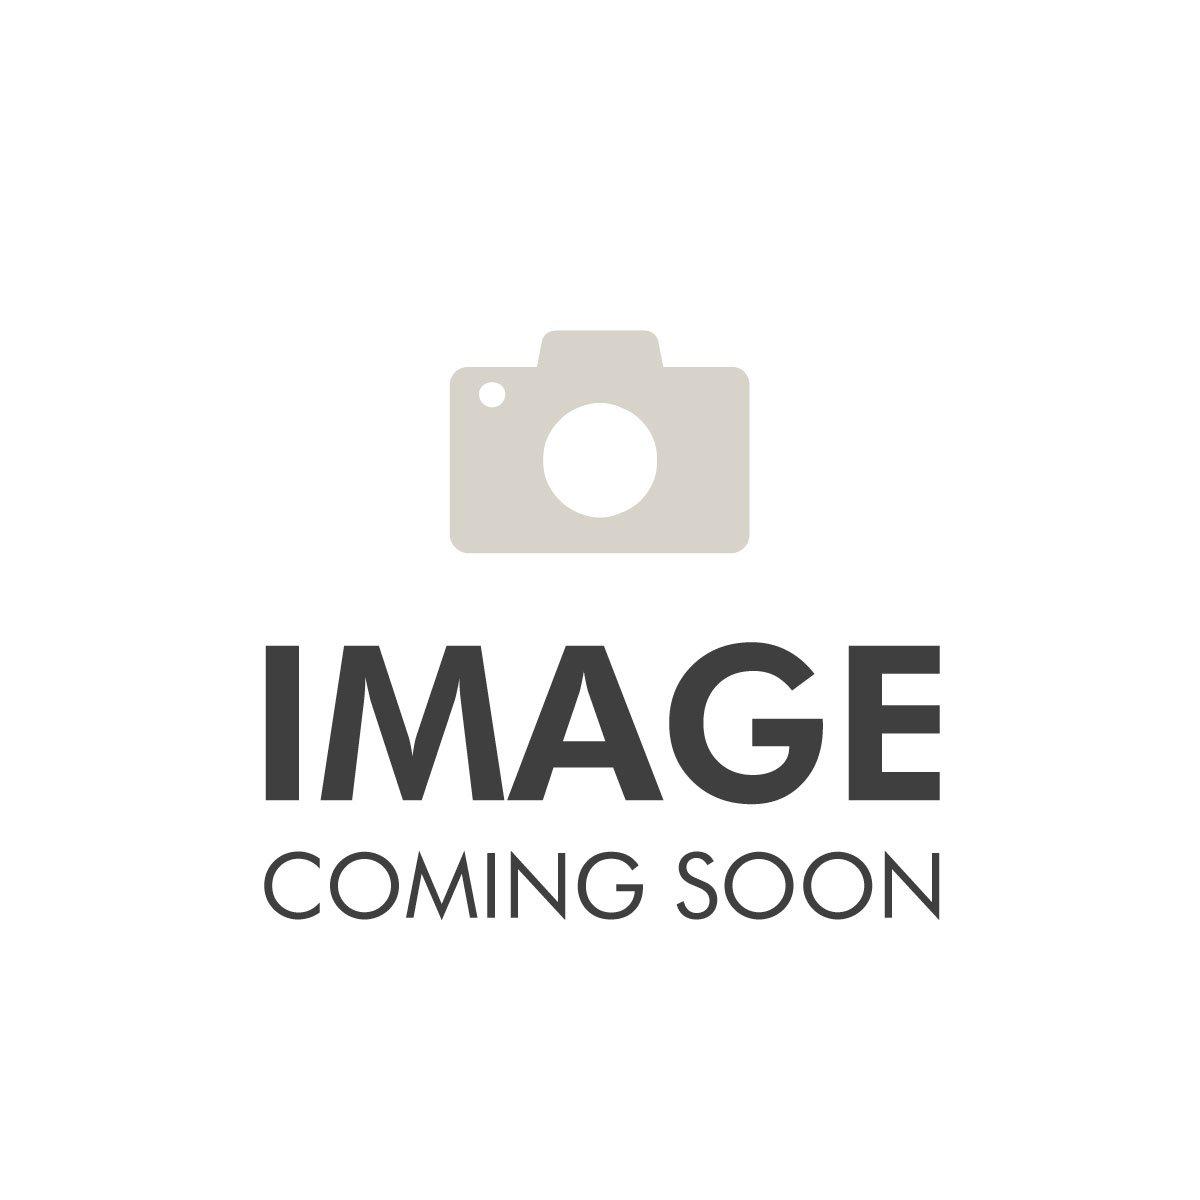 Bvlgari Aqua Pour Homme Marine 30ml EDT Spray